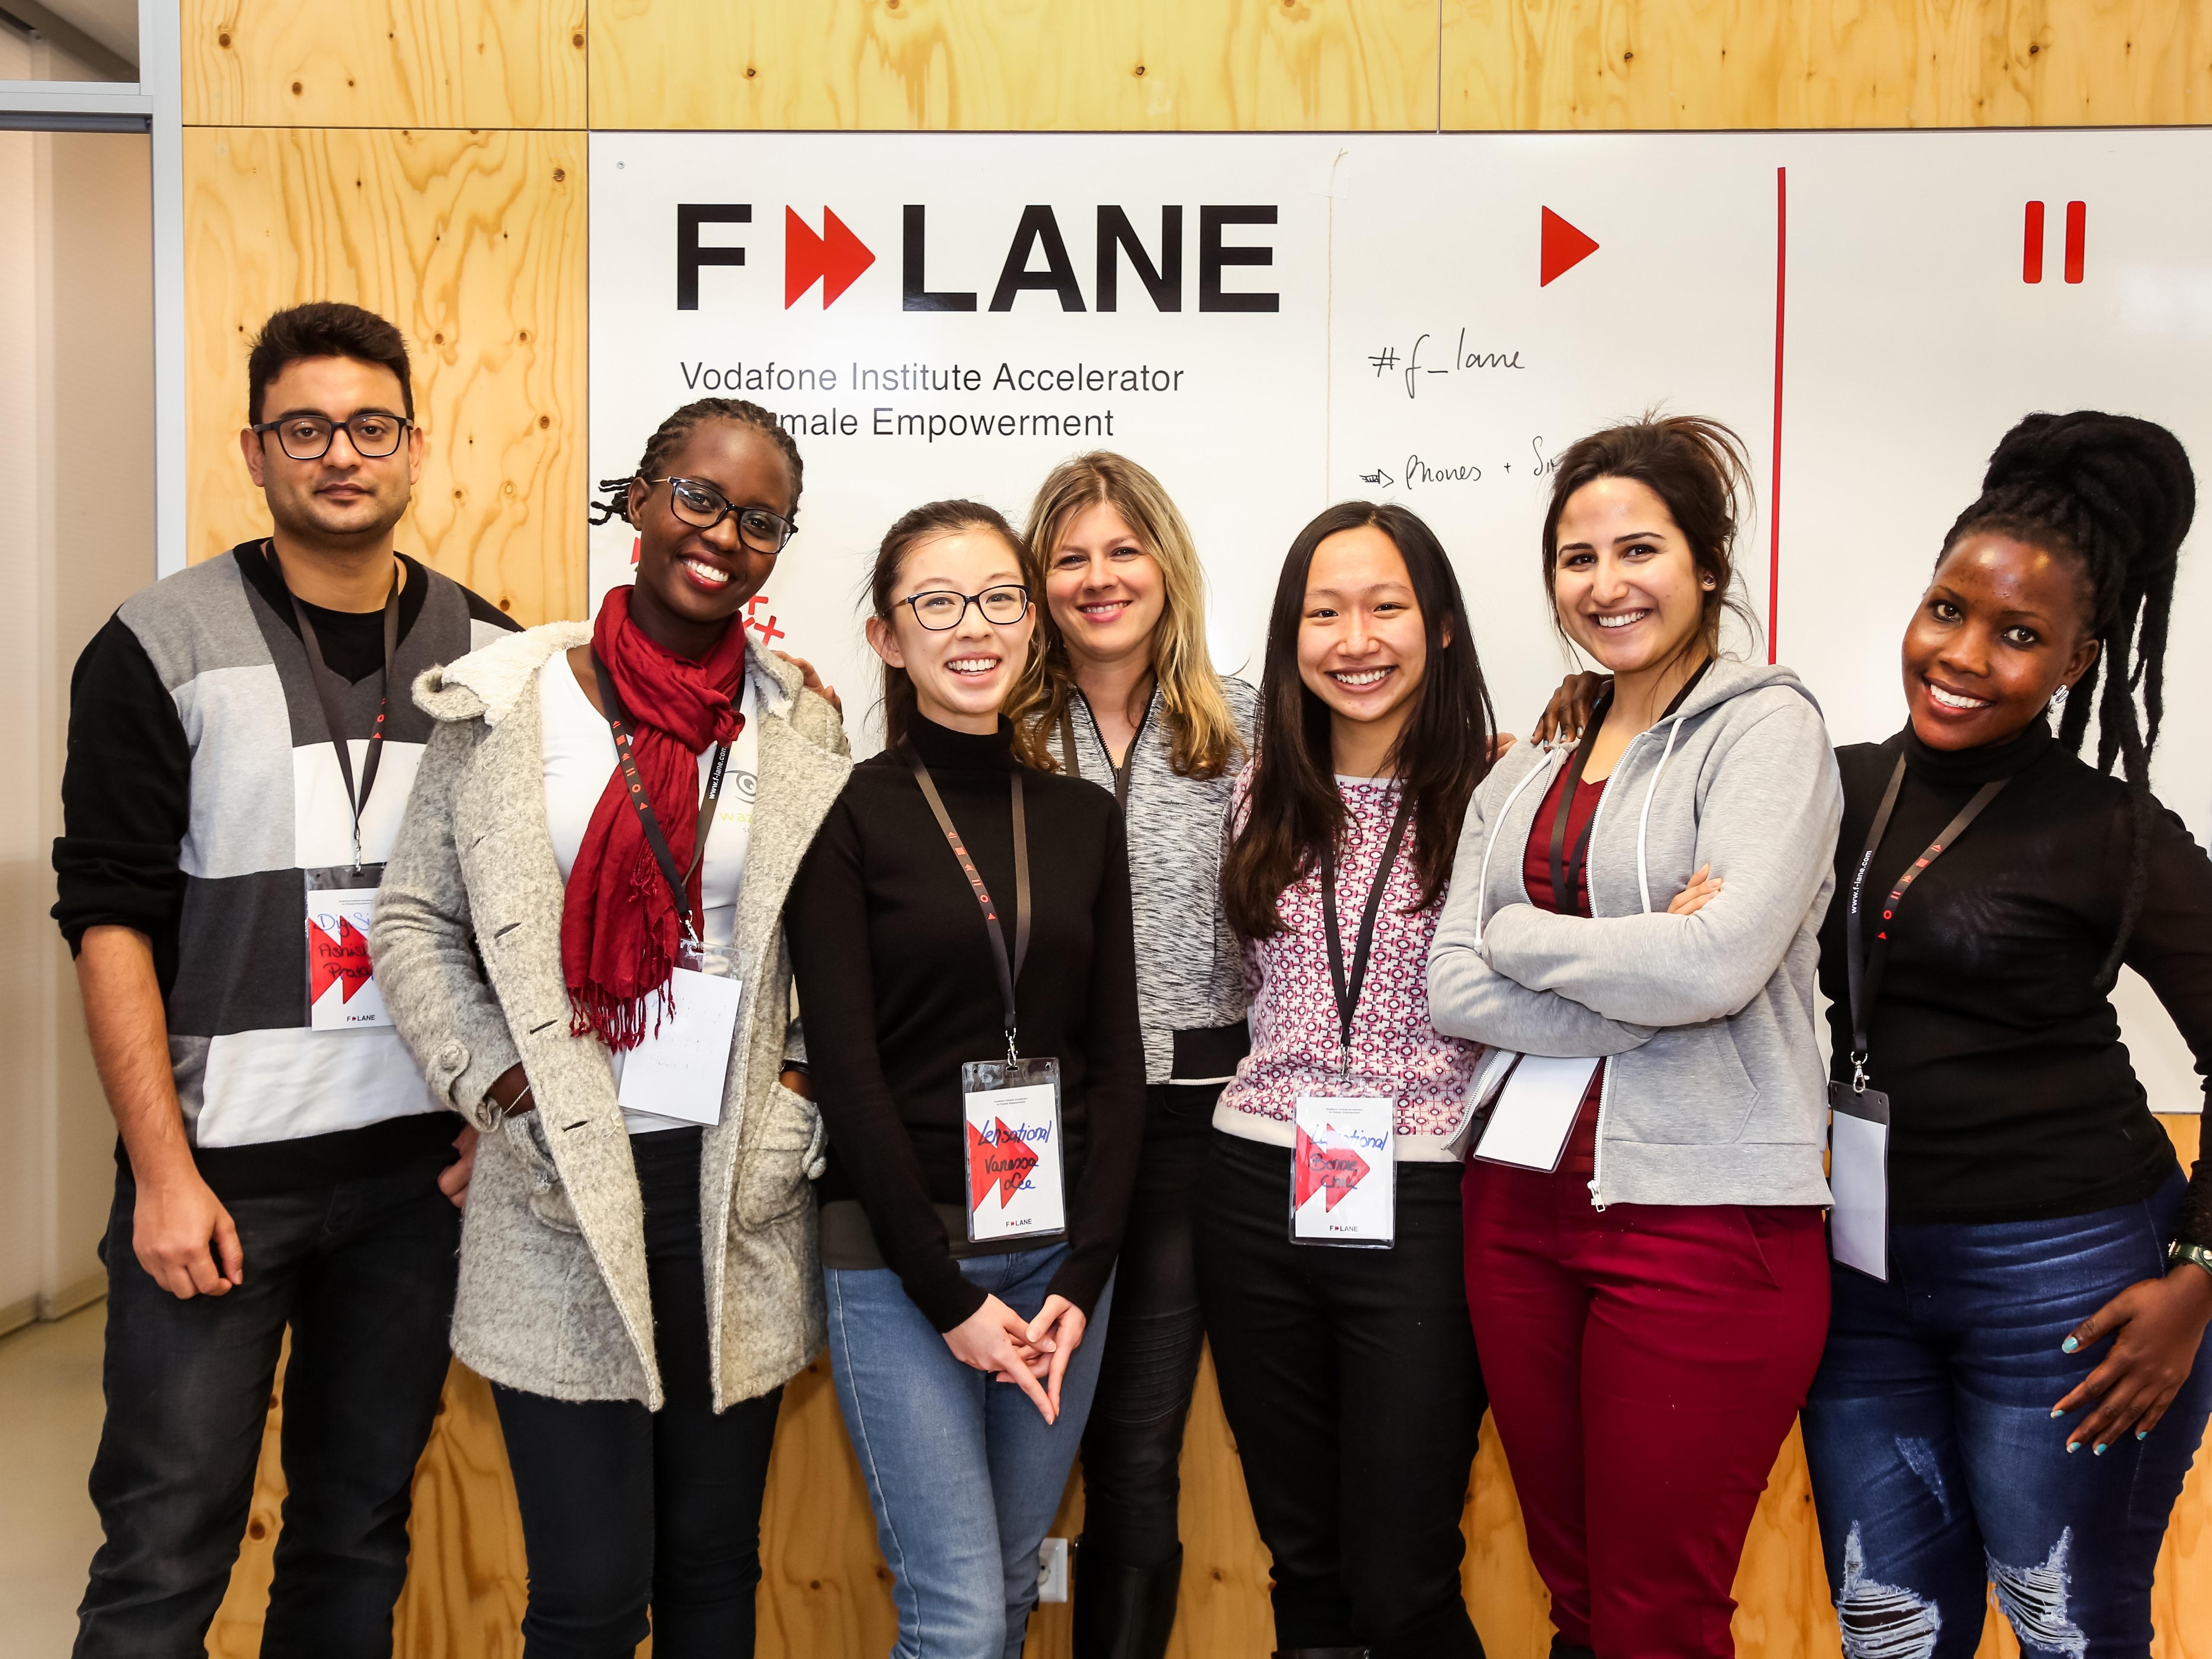 Gli startupper selezionati al primo round di FLANE